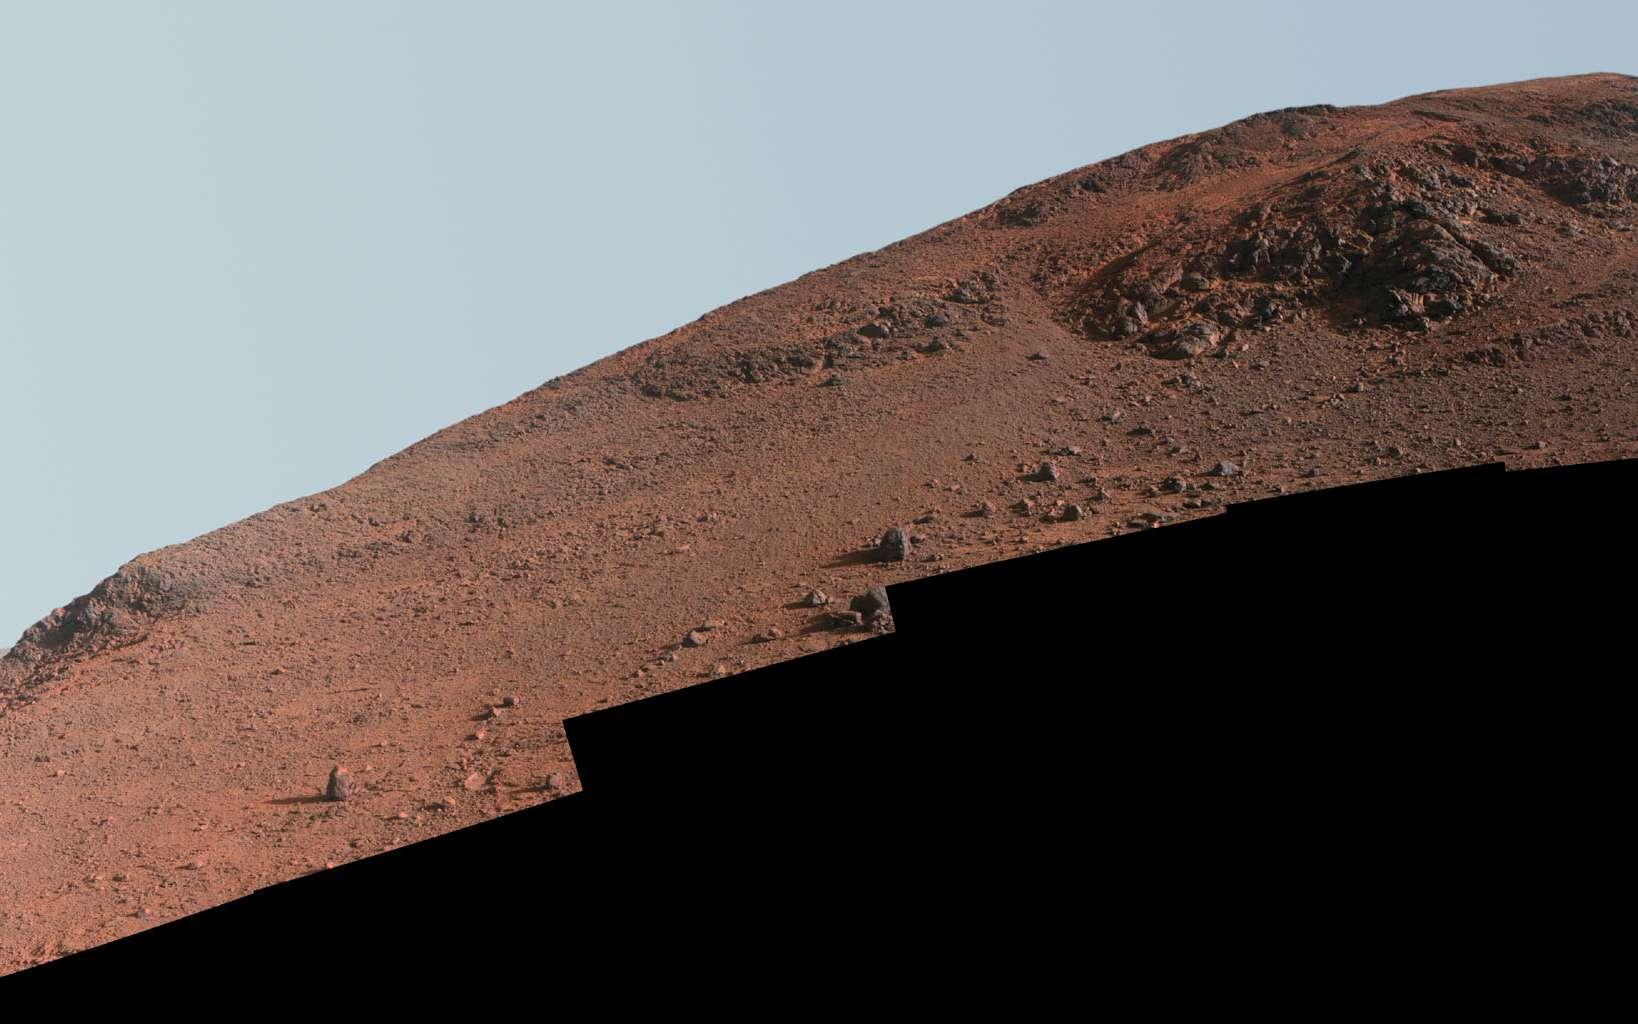 Assemblage d'images prises avec la Pancam d'Opportunity les 29 et 30 octobre 2015 (jours martiens 4.182 et 4.183 depuis le début de la mission). Depuis fin janvier 2016, le rover escalade cette pente, dans le but d'examiner les roches au sommet, une « zone rouge » qui a été baptisée Knudsen Ridge. Les images sont traitées de façon à mieux distinguer les matériaux. © Nasa, JPL-Caltech, Cornell Univervisity, Arizona State University